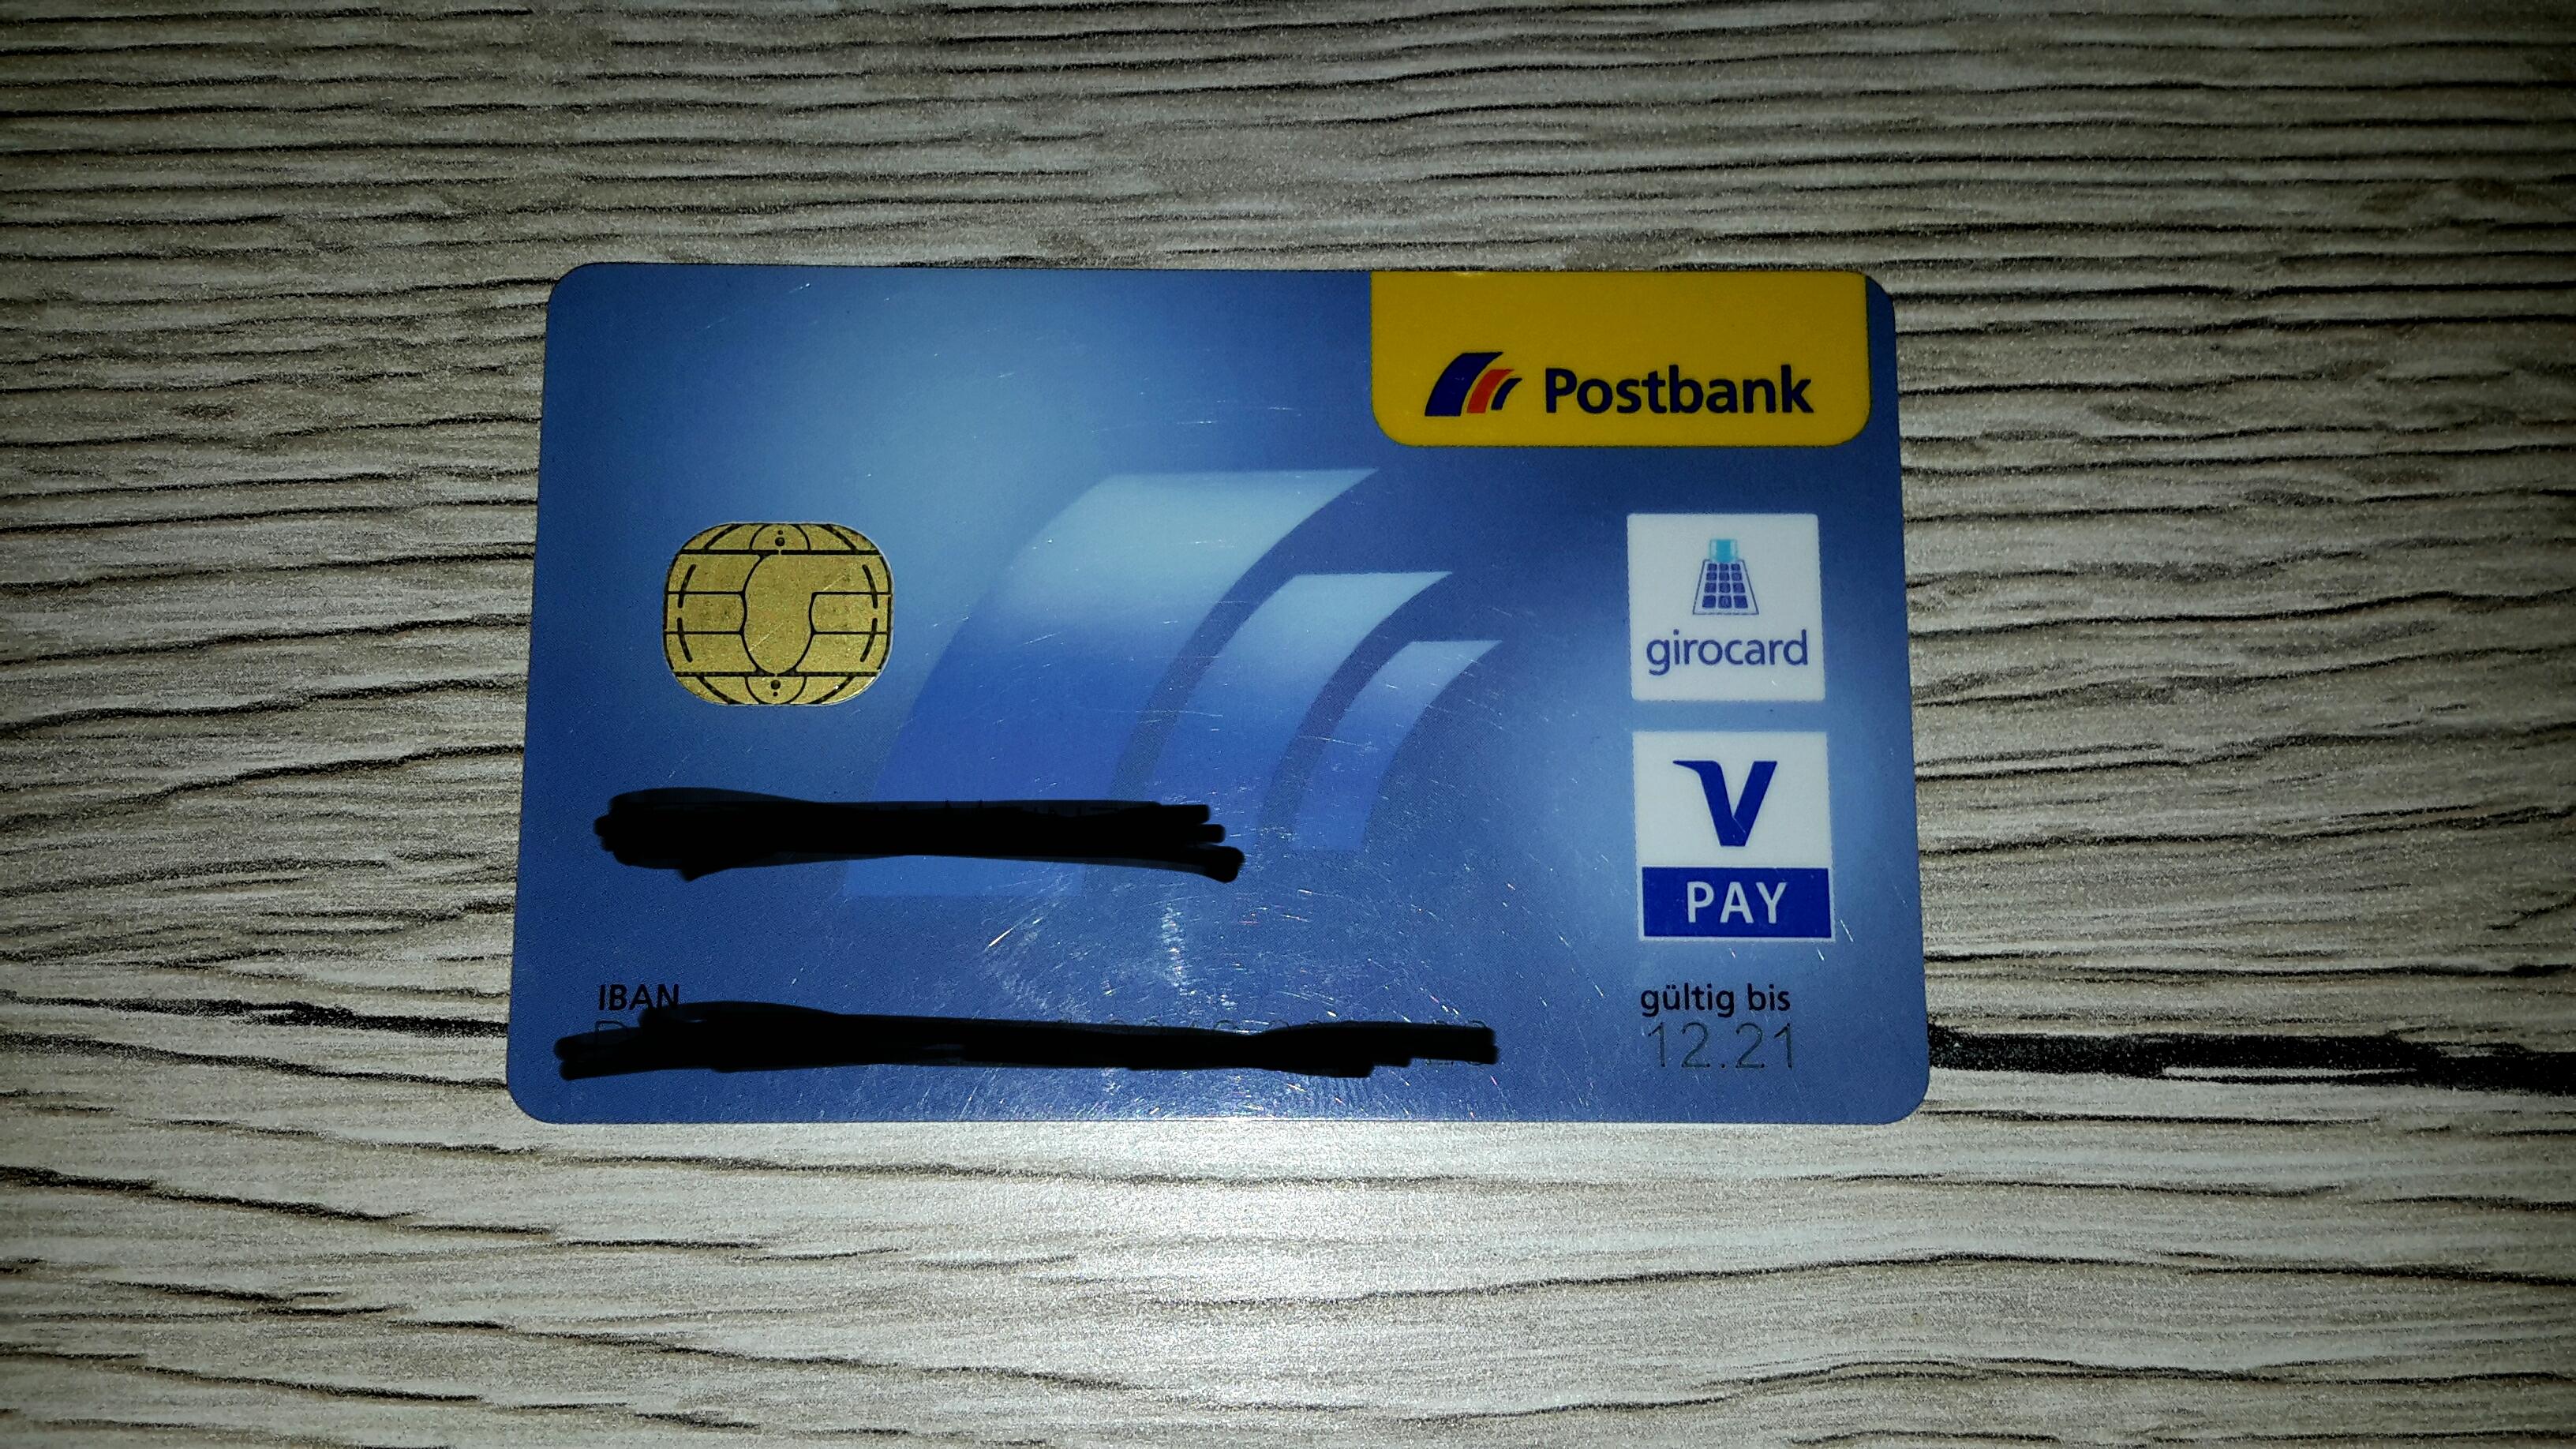 Karte Sperren Postbank.Kann Ich Mit Dieser Postbankkarte Mein Alter Am